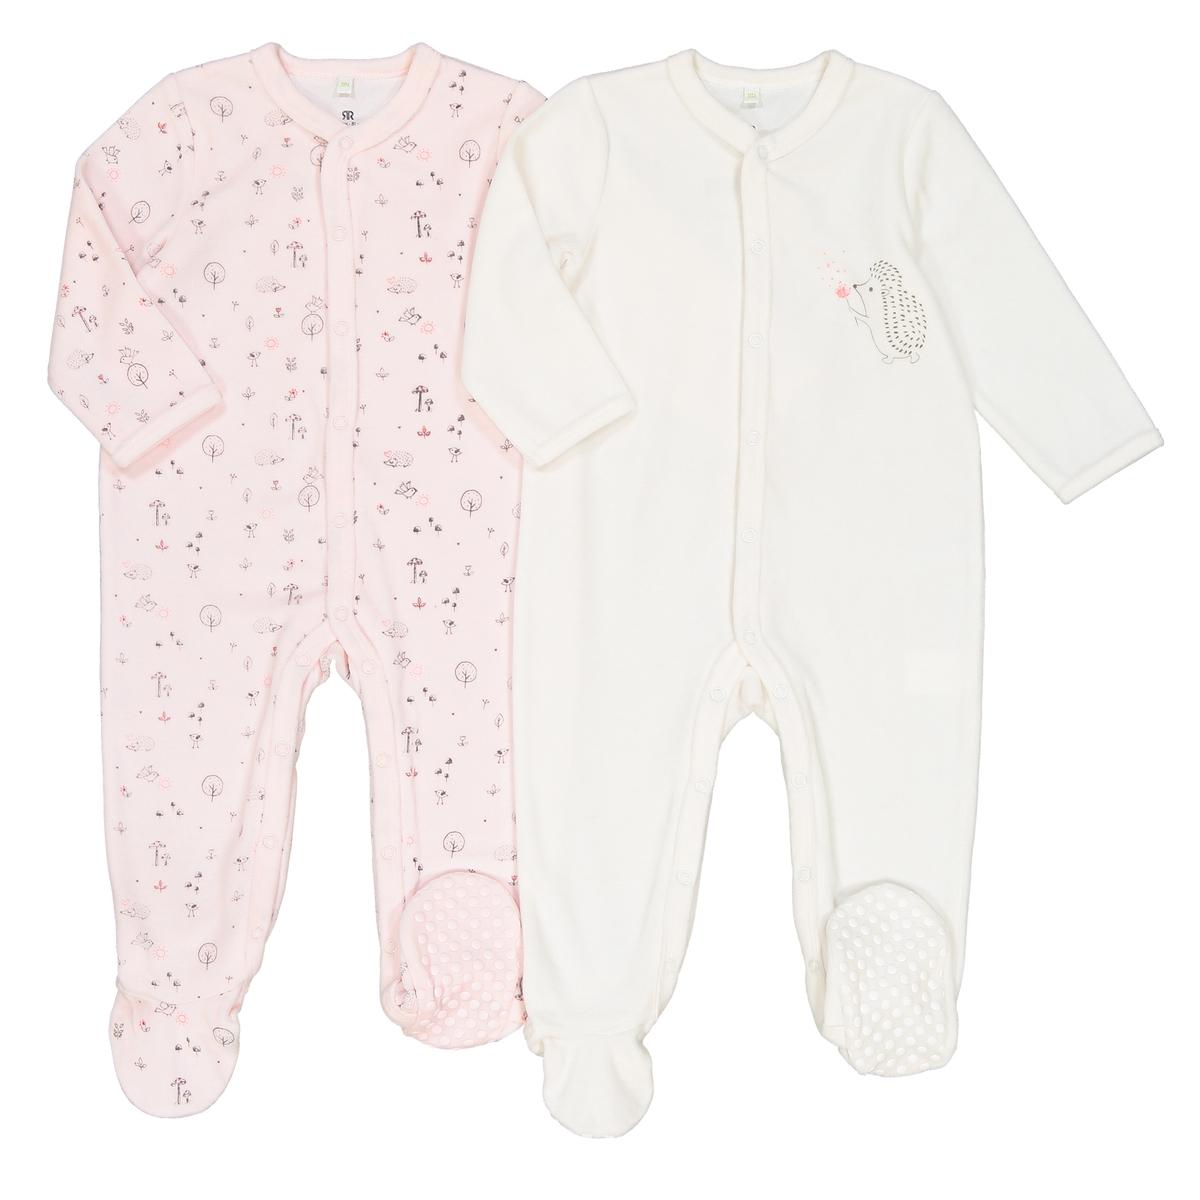 цена Комплект из пижам для La Redoute Новорожденных мес - года 2 года - 86 см белый онлайн в 2017 году